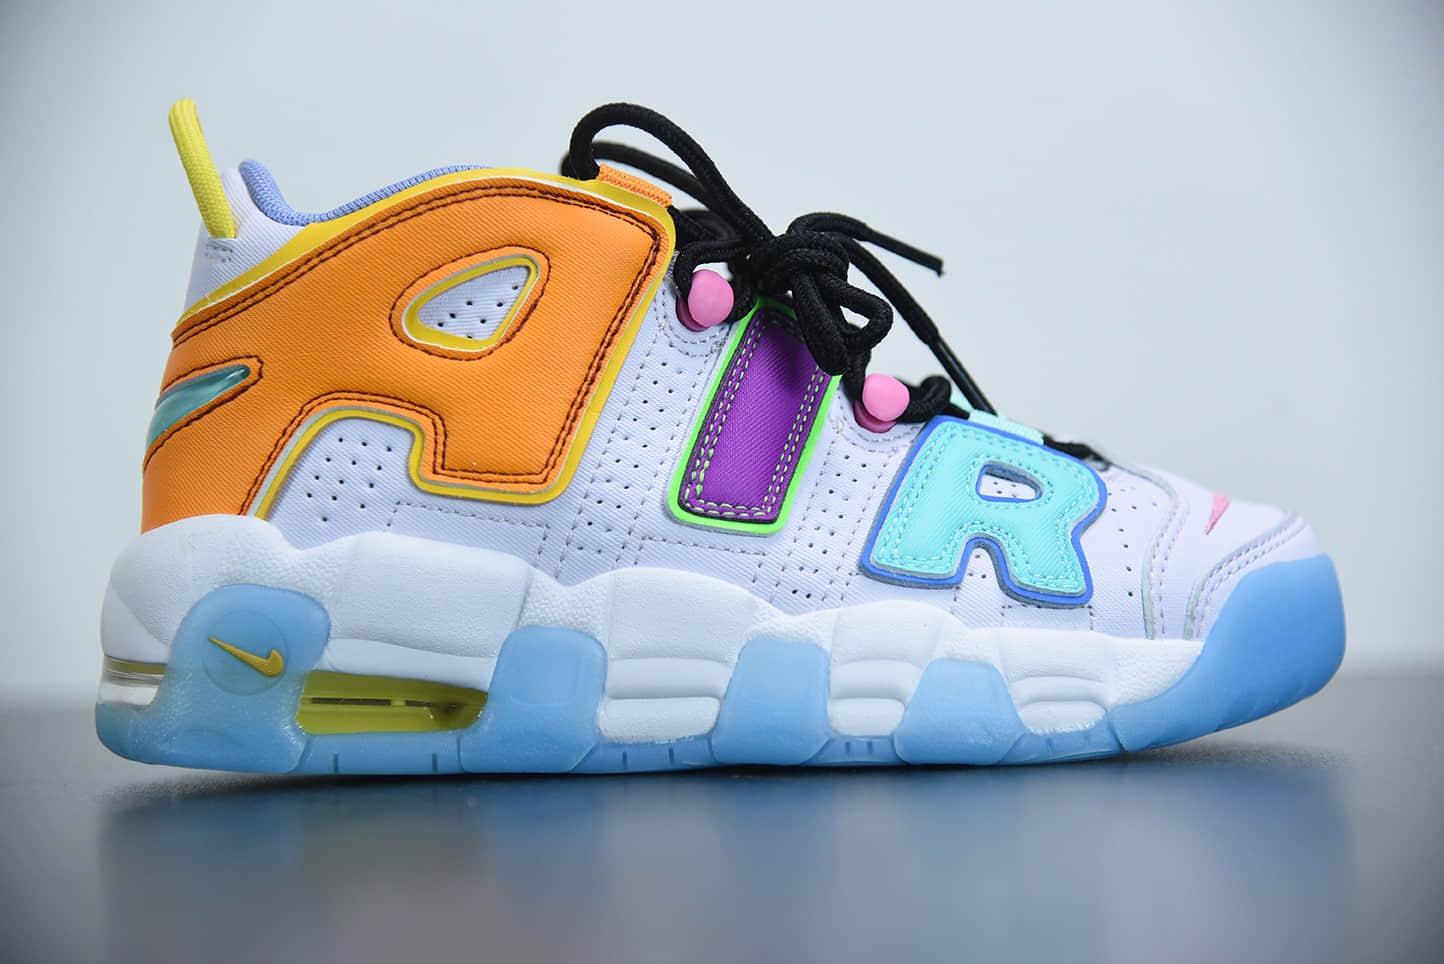 耐克Nike Air More Uptempo 橙蓝紫大AIR皮蓬复古篮球鞋纯原版本 货号:DH0624-500